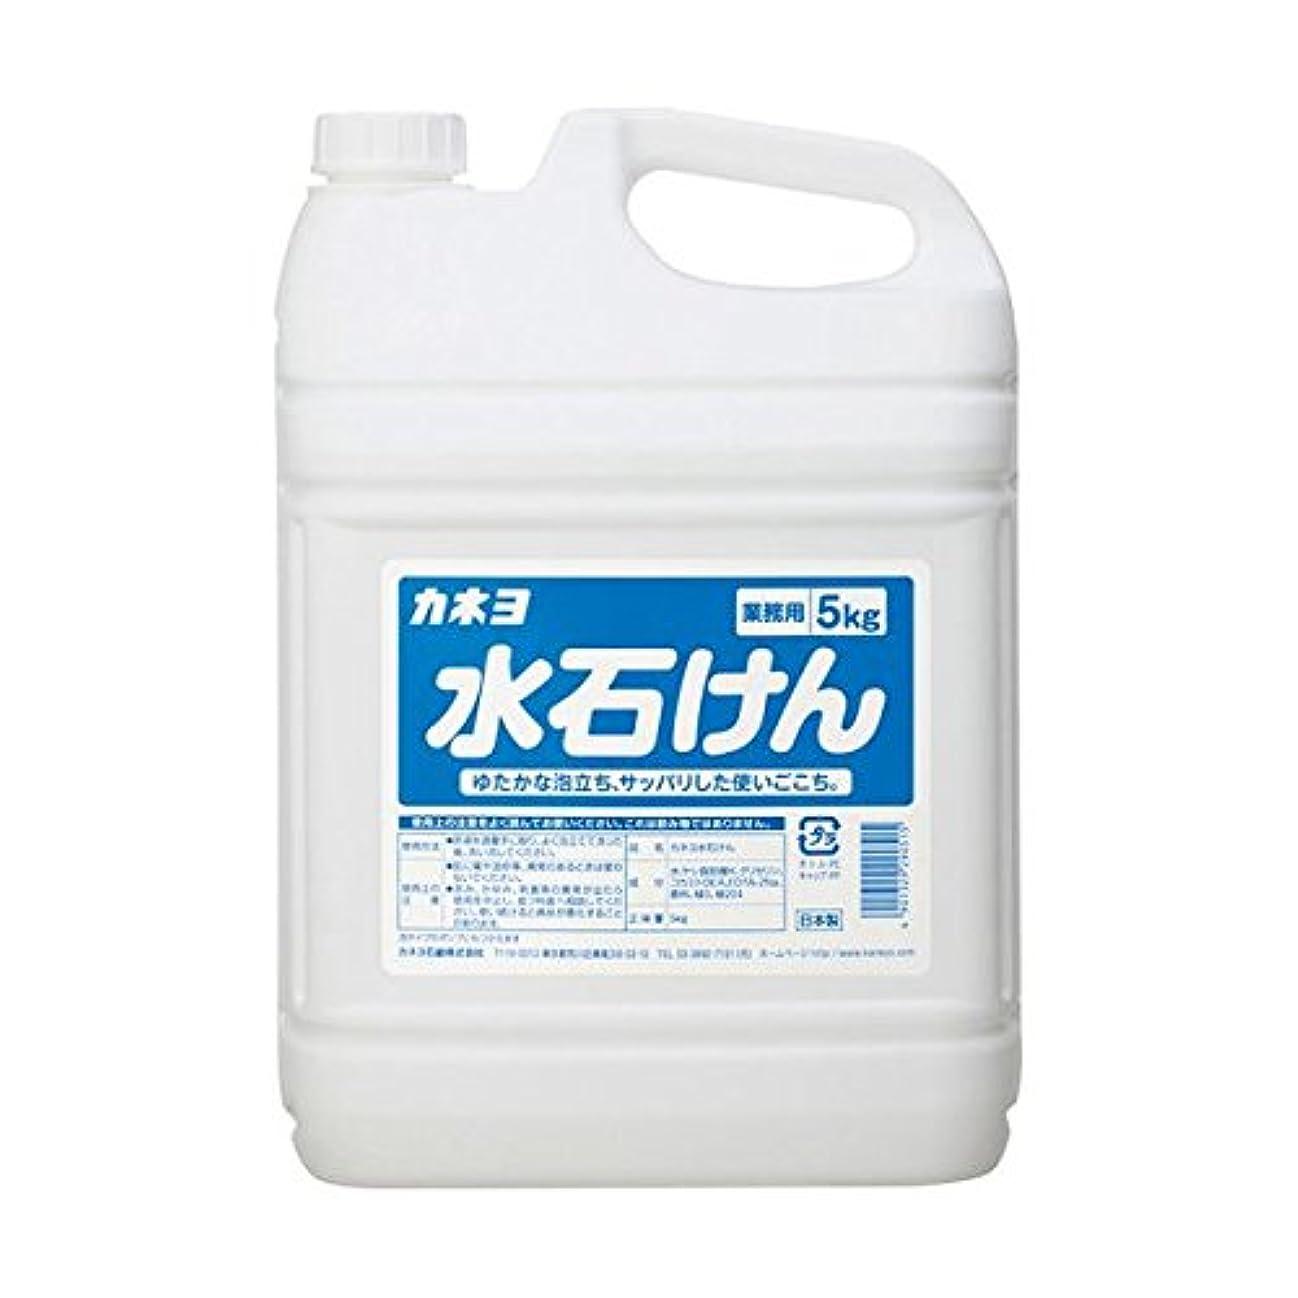 肉モザイク一次【まとめ買い】カネヨ水石けん5kg 5kg ×2セット